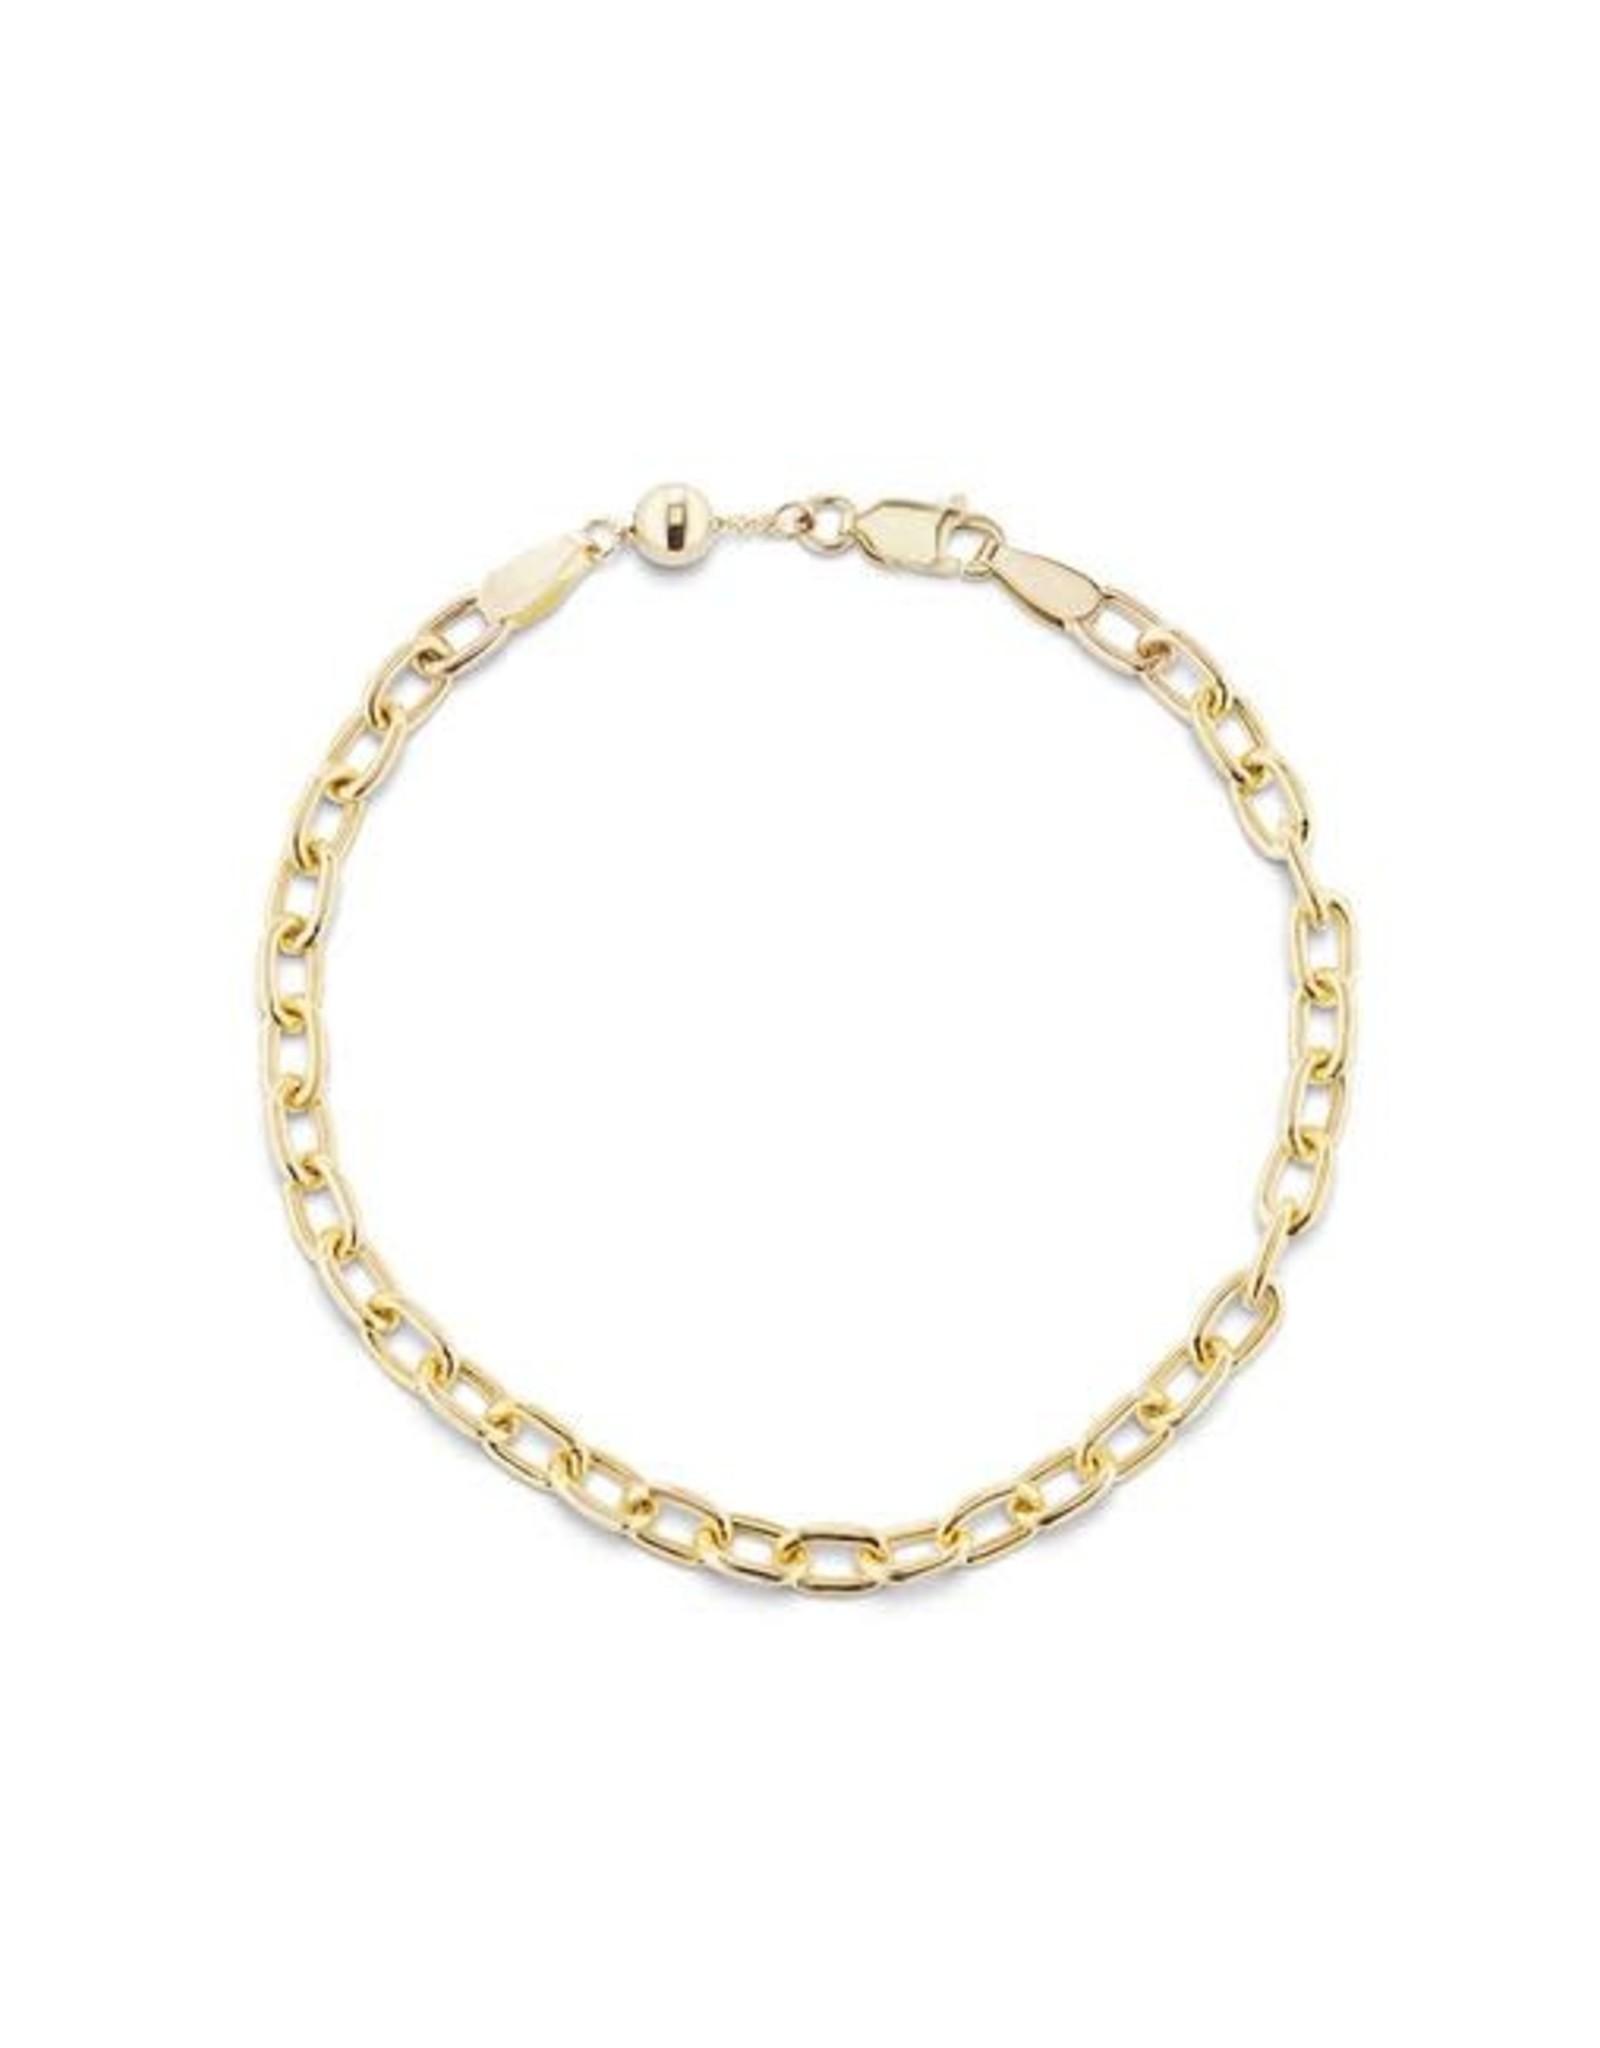 KBH Jewels Elongated Link Bracelet